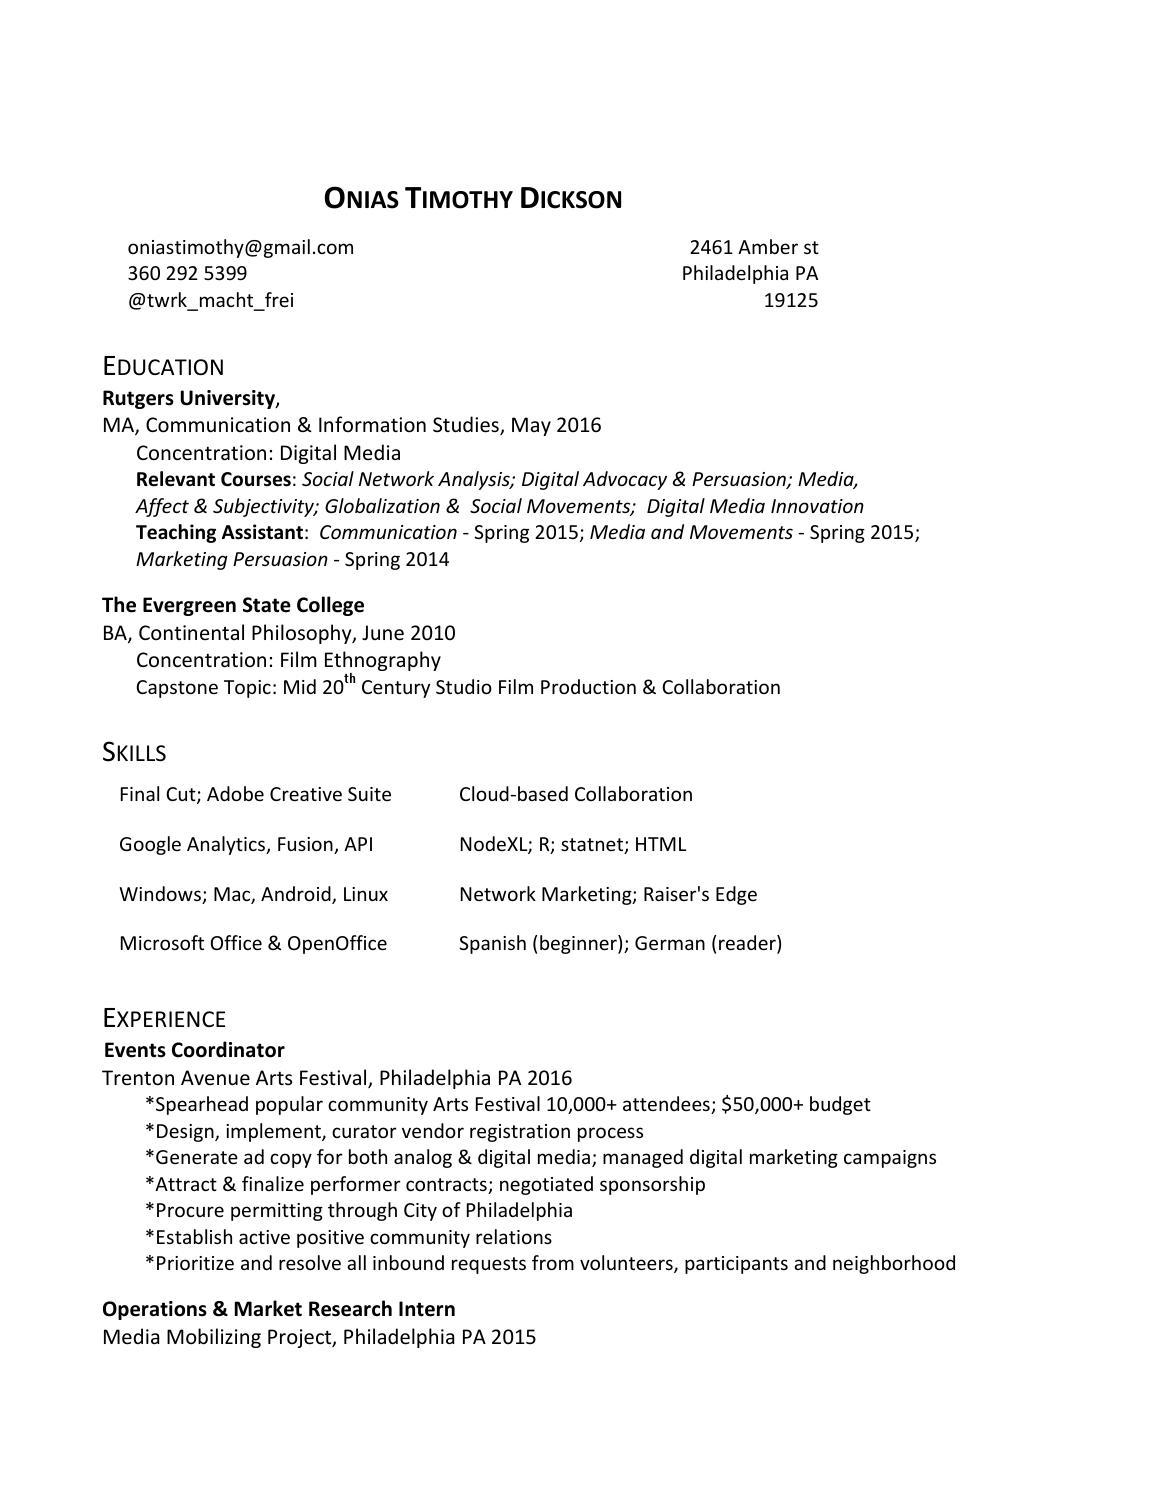 Dicksono resume by Onias Dickson - issuu